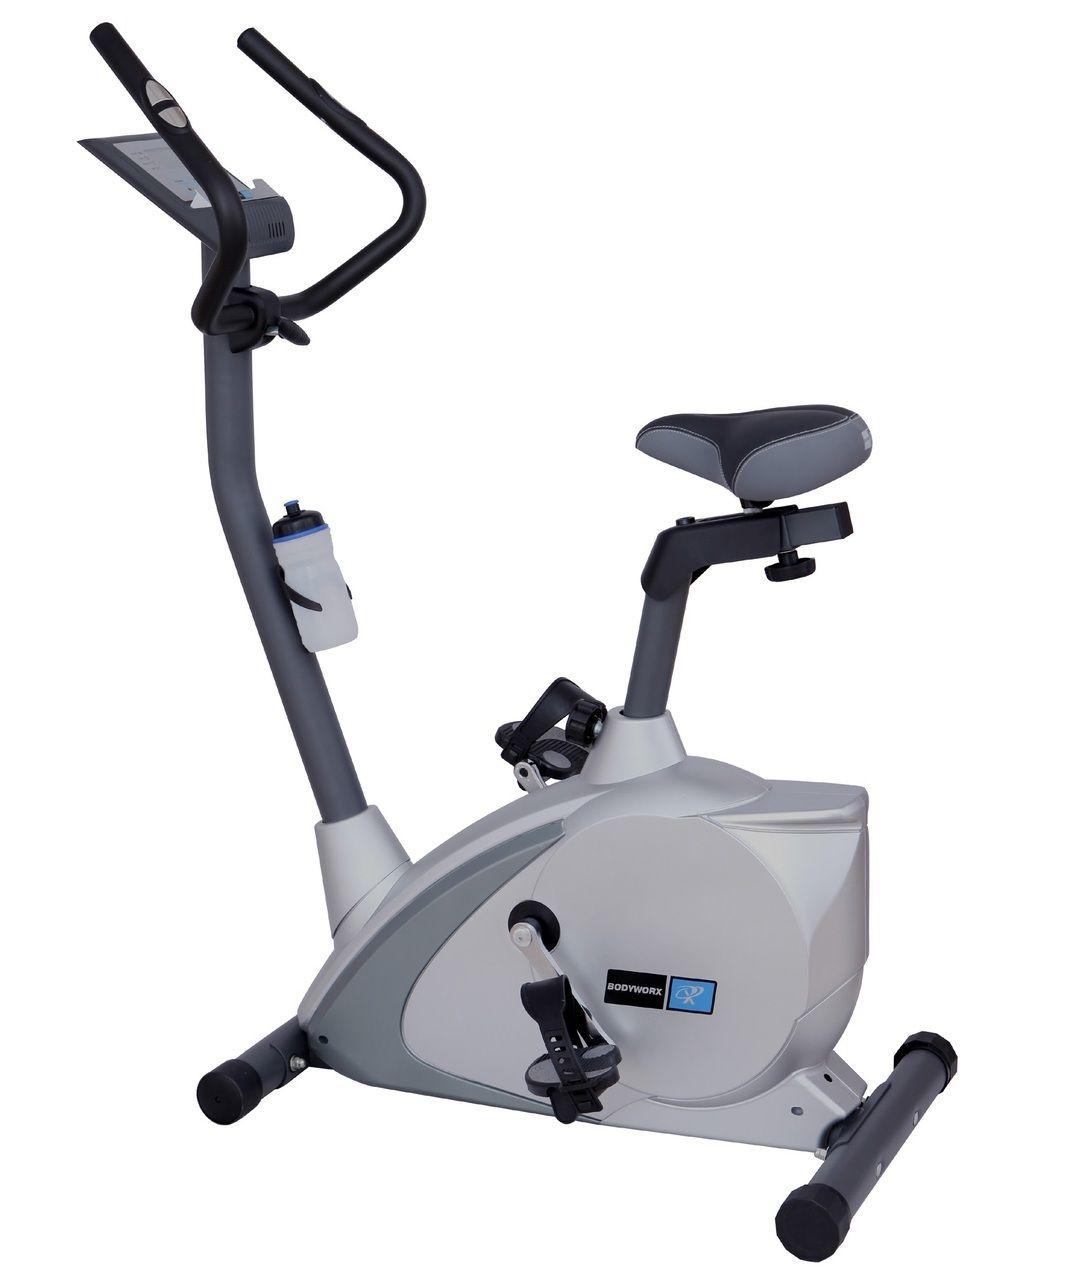 Bodyworx Abx450at Exercise Bike Exercise Bikes Bike Biking Workout